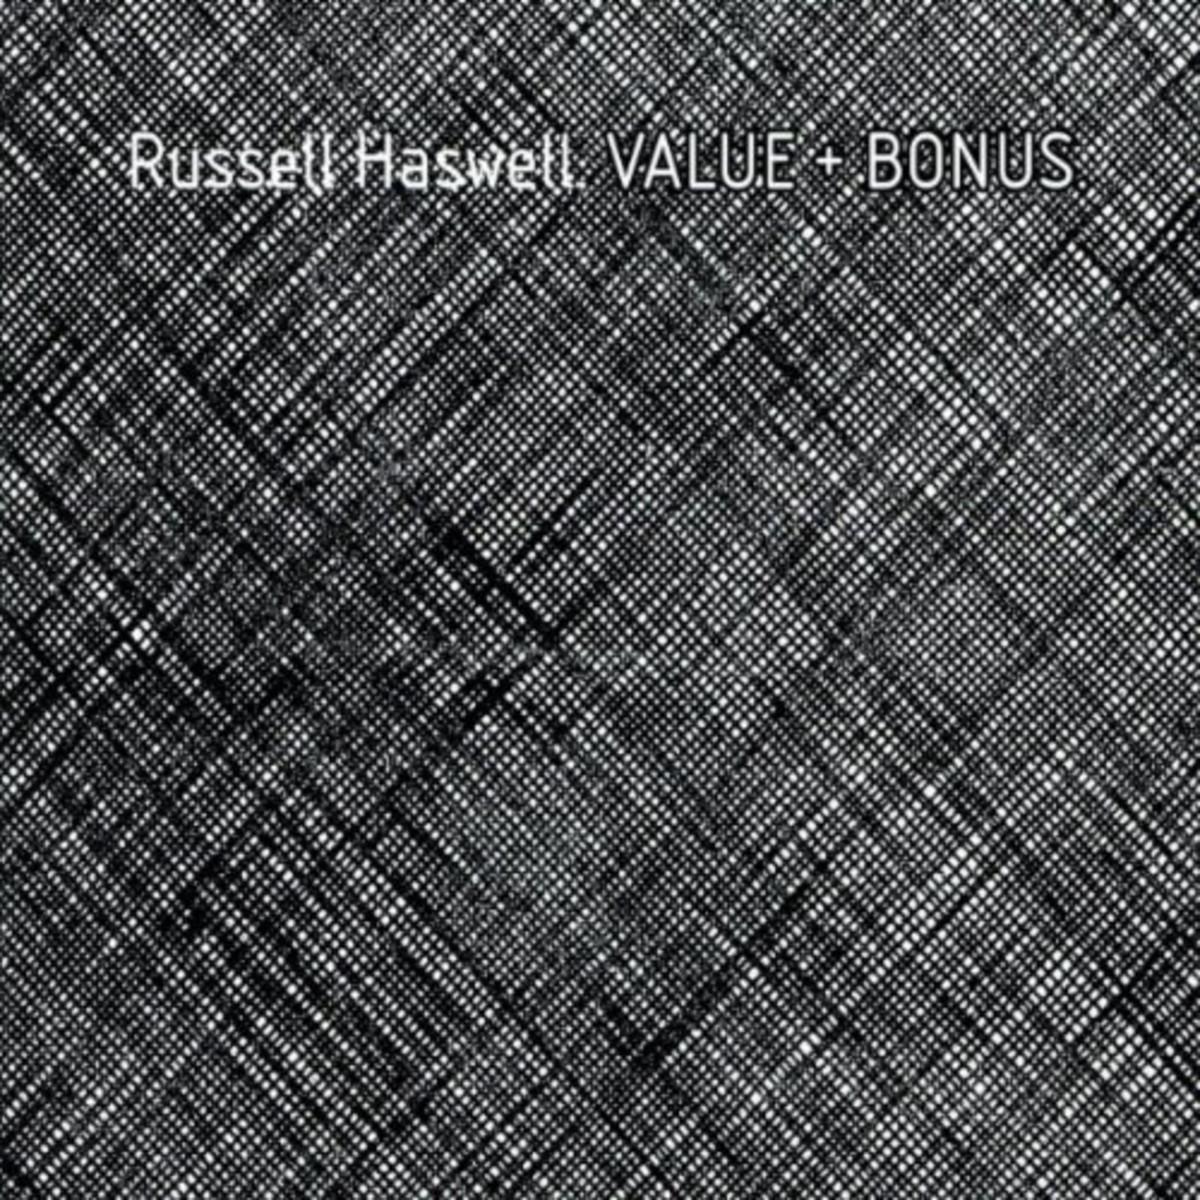 Russell Haswell – Value + Bonus